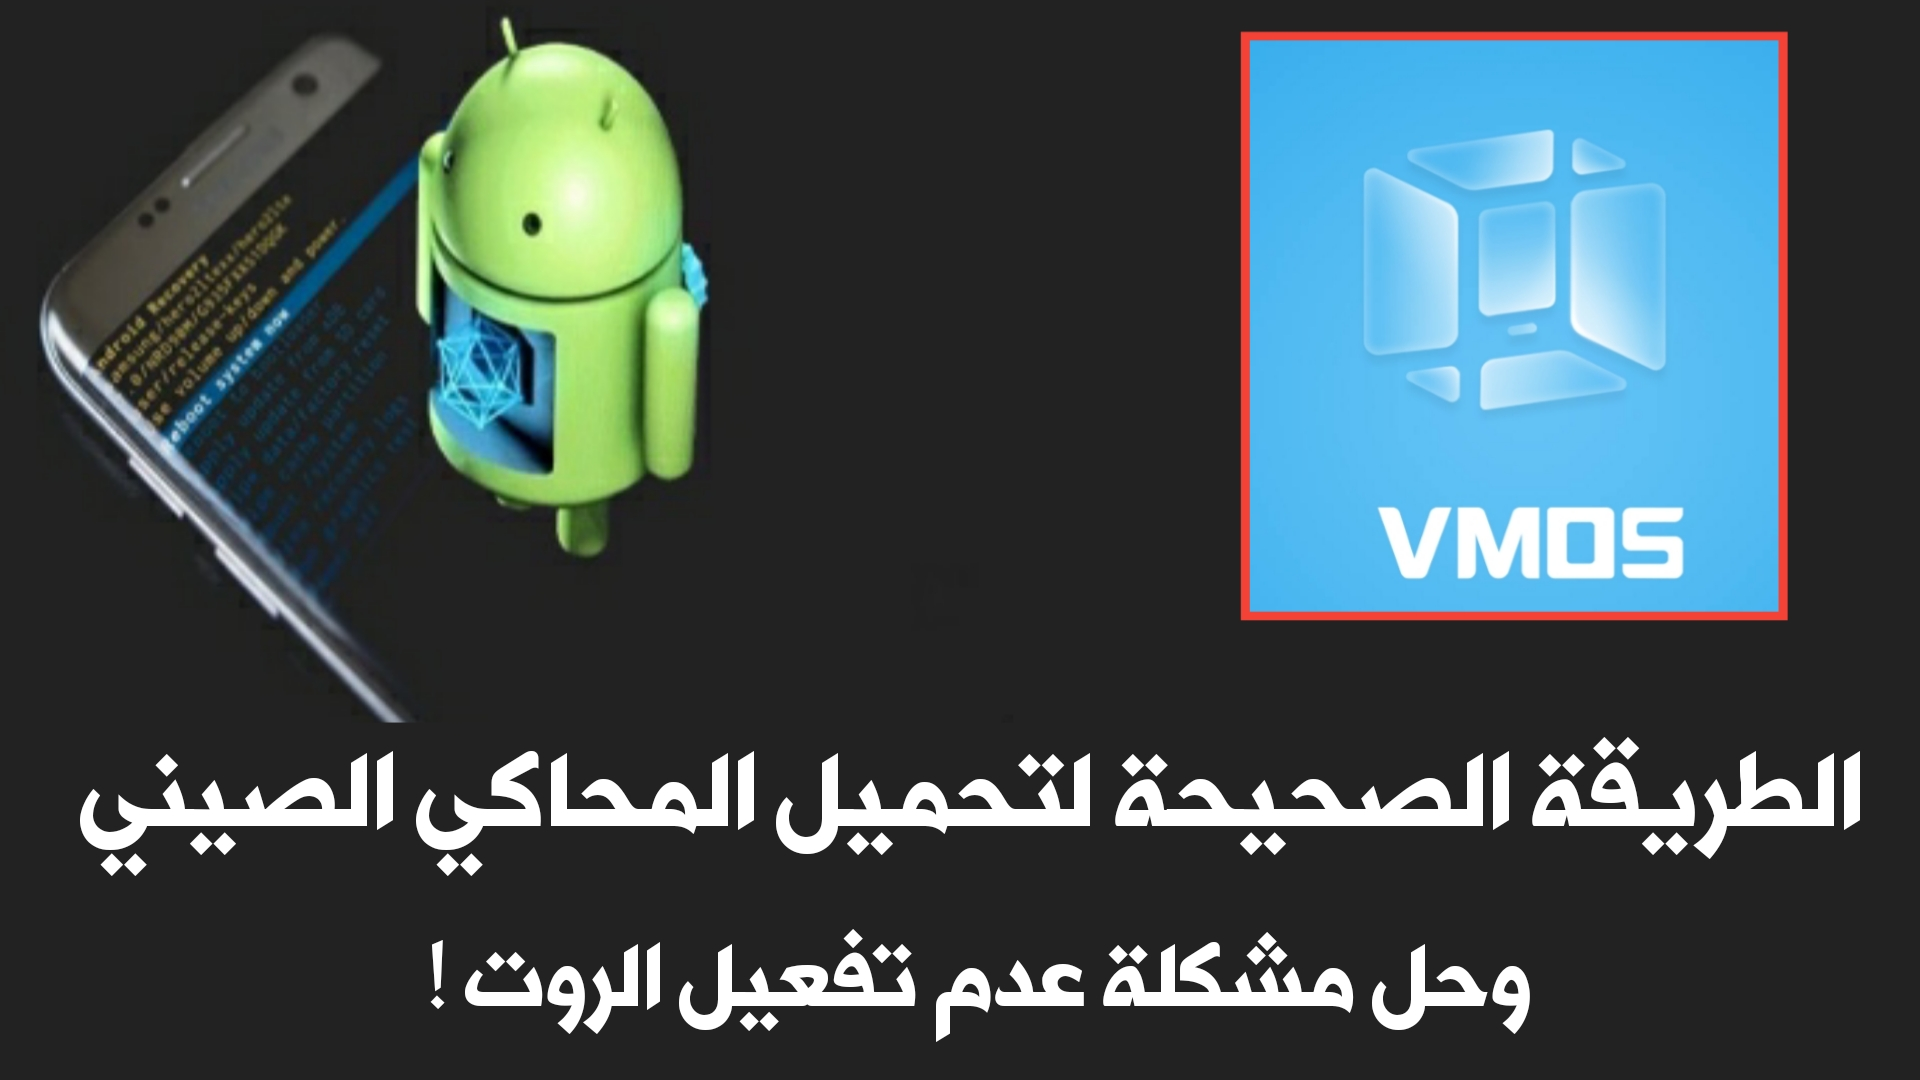 تعرف على الطريقة الصحيحة لتحميل المحاكي الصيني VMOS وحل مشكلة عدم تفعيل الروت لجميع الهواتف Android